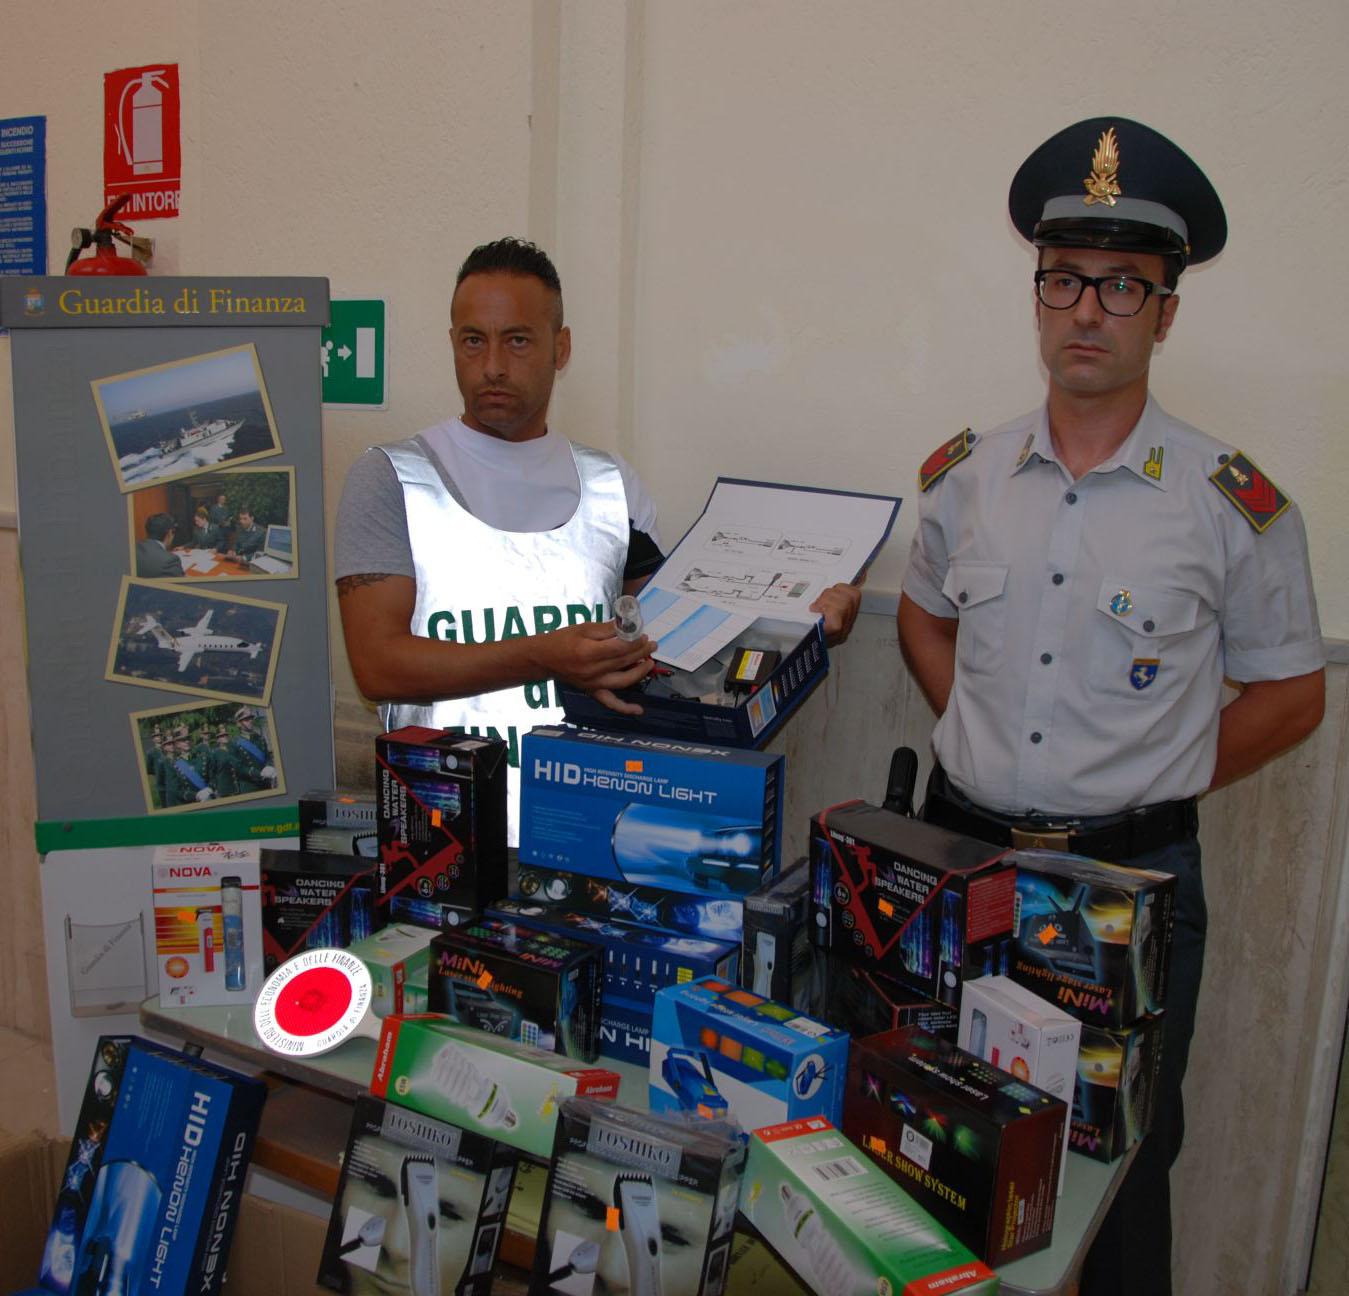 Guardia di Finanza sequestra materiale elettrico non conforme in un negozio